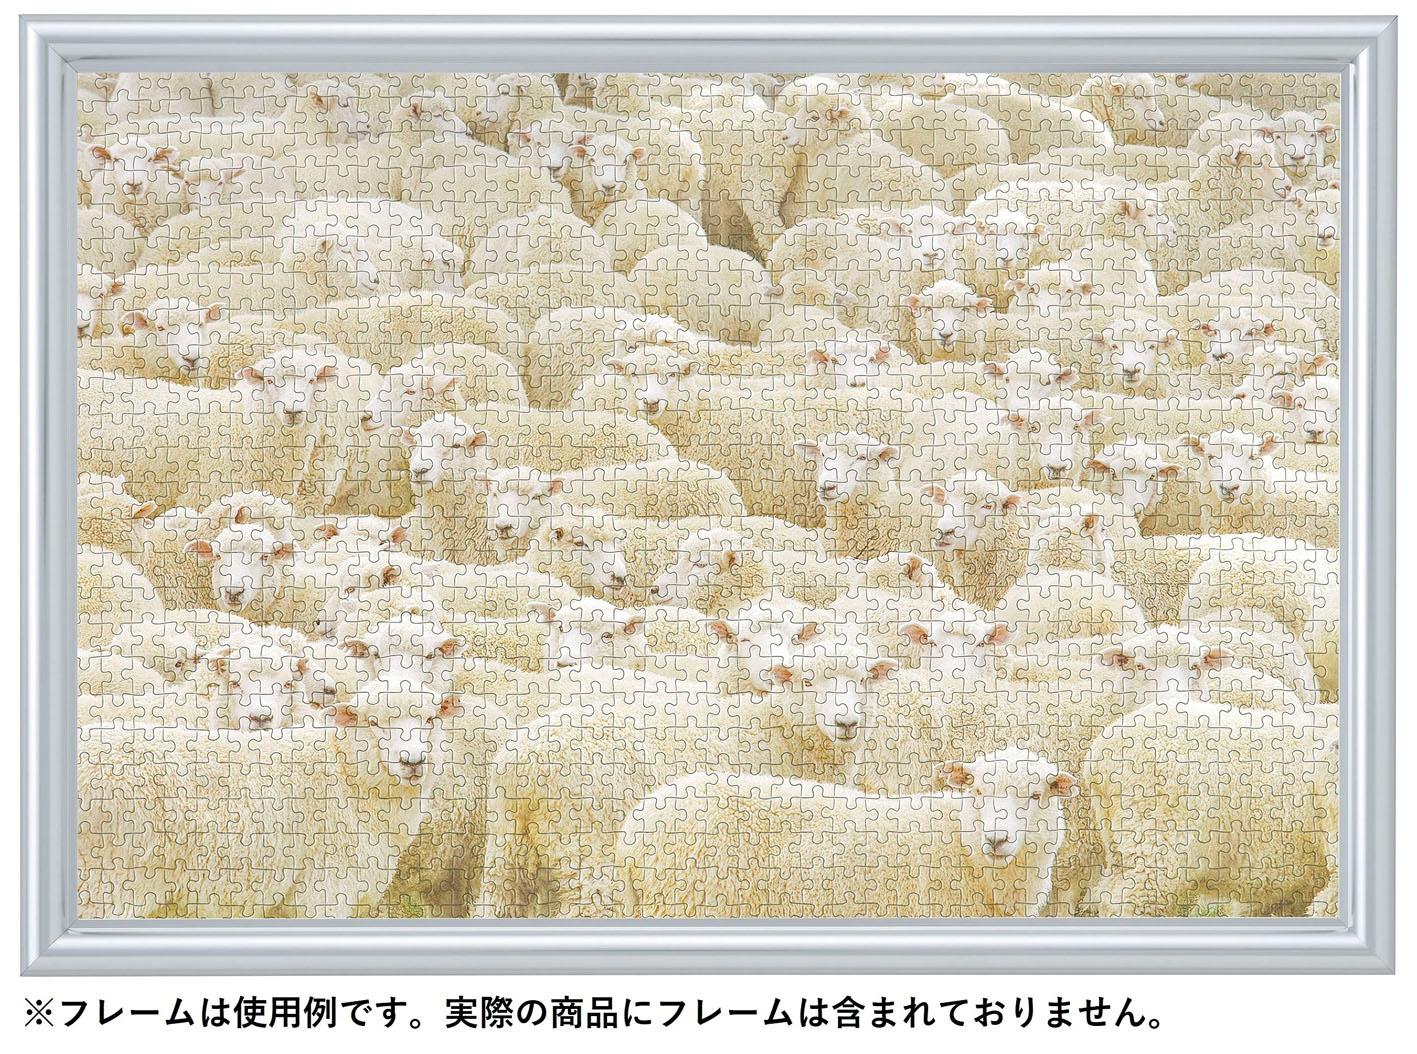 眠くなる羊のパズル 地獄のような睡魔との闘い